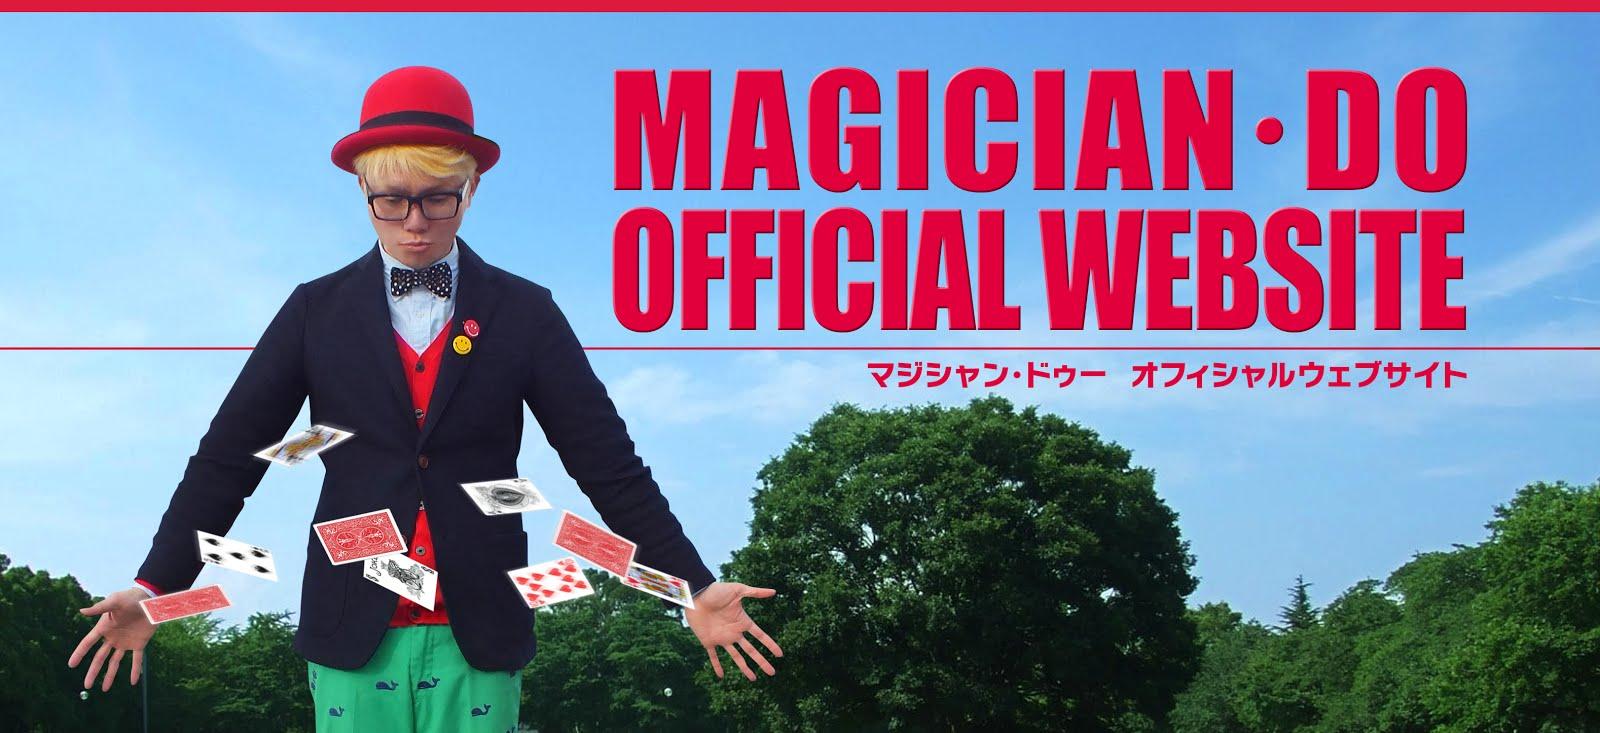 マジシャン・ドゥー オフィシャルウェブサイト